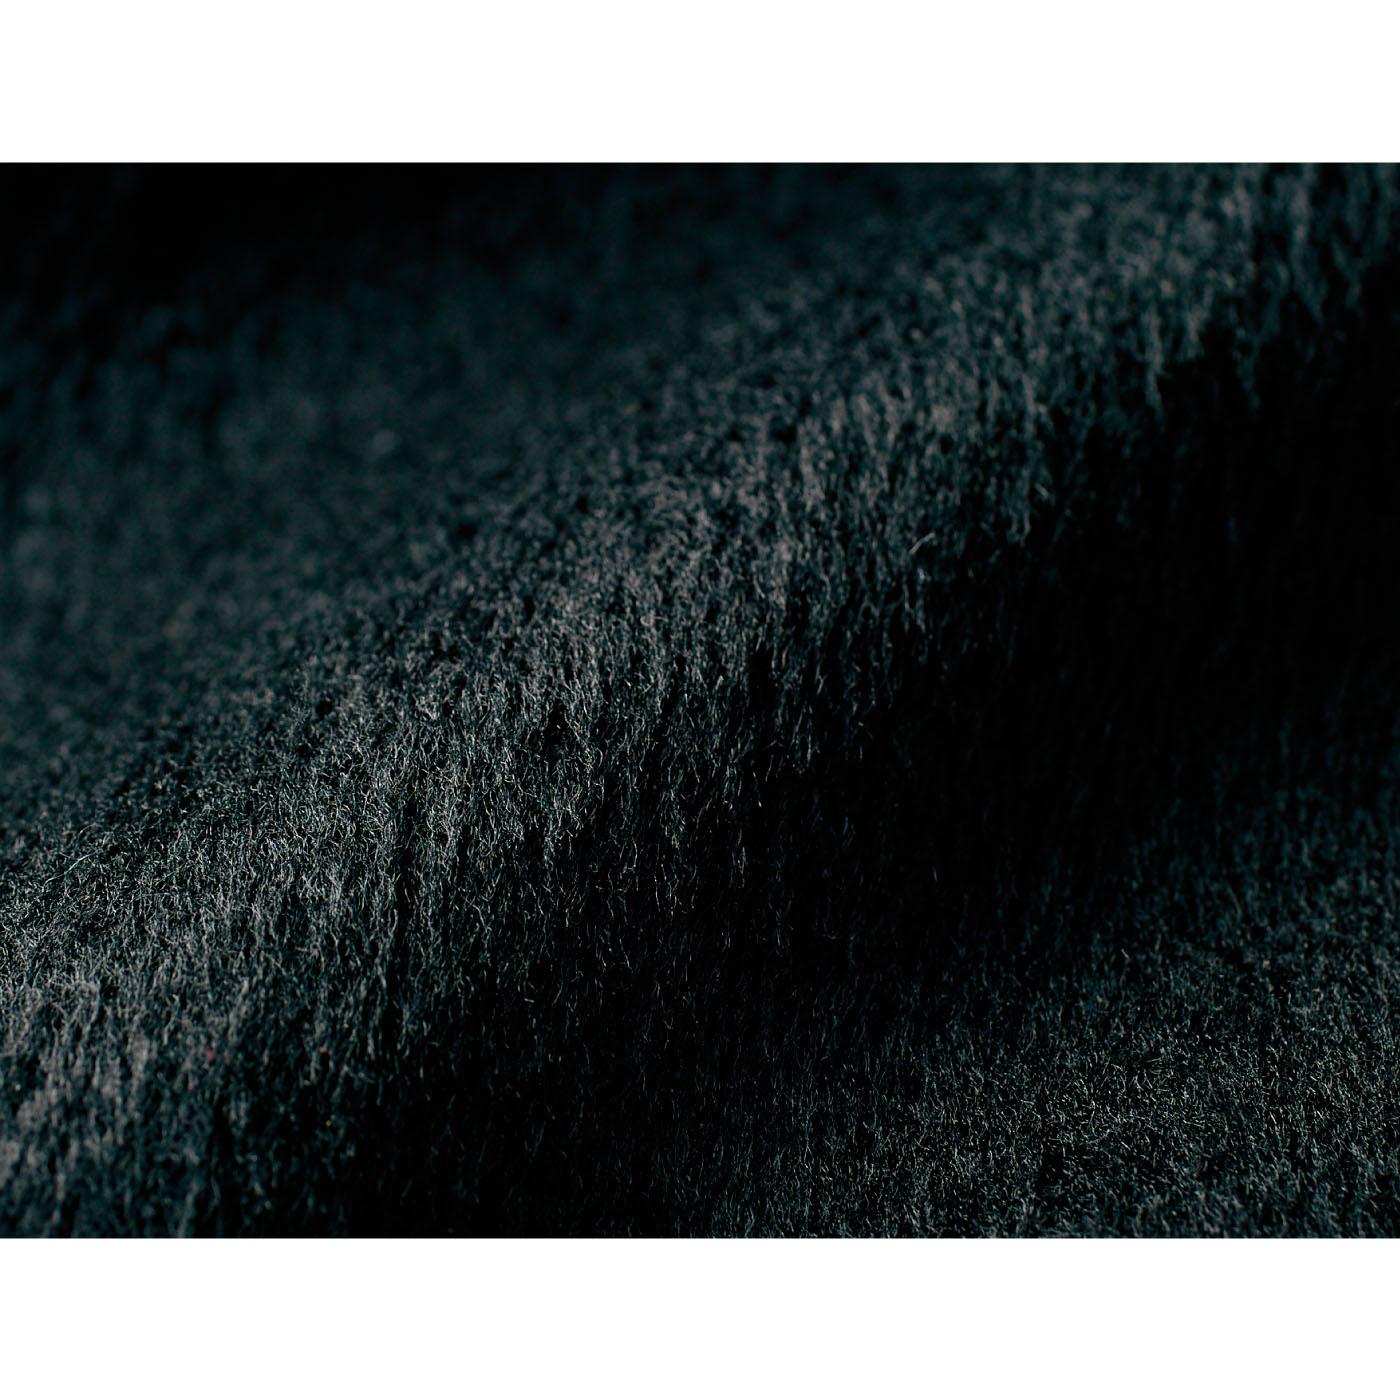 起毛感が特徴のシャギー素材。